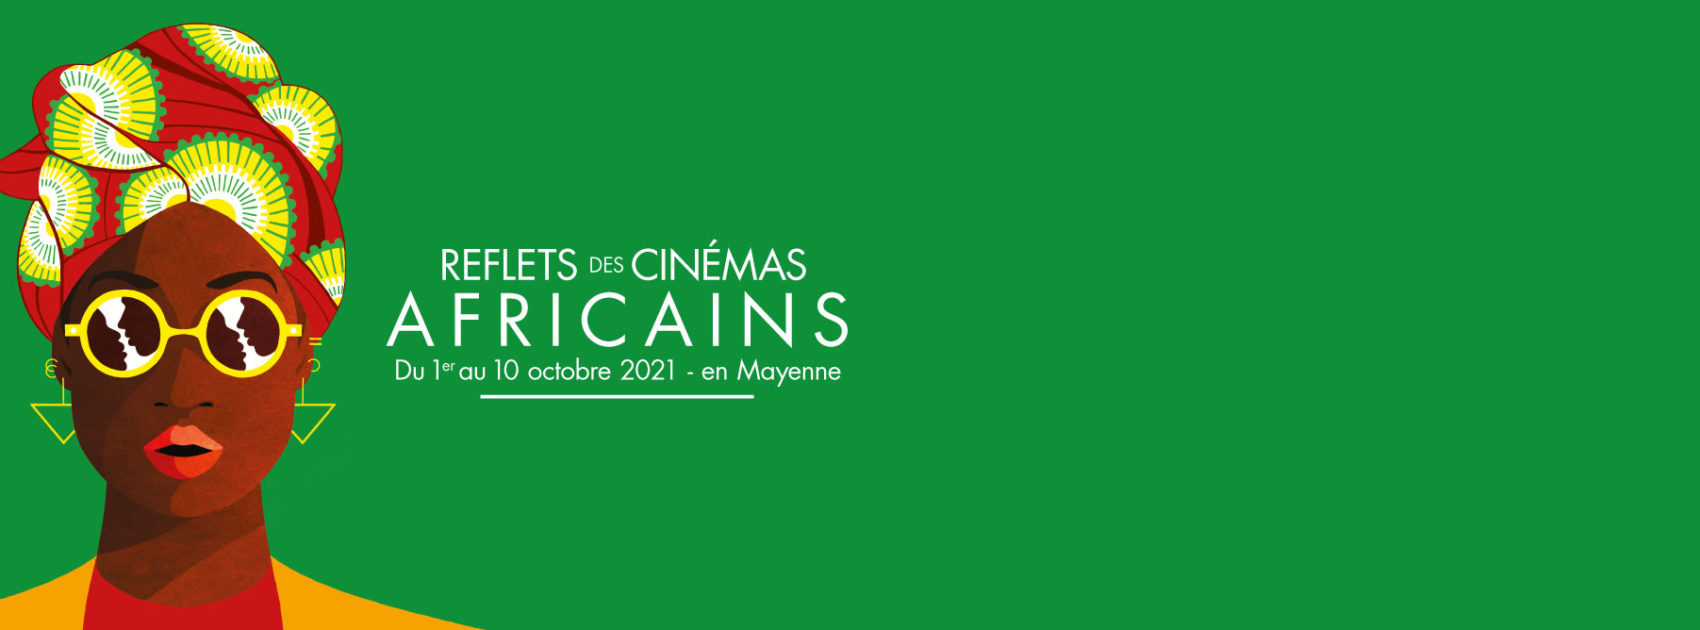 Reflets des cinémas africains </br> Nouvelles dates !